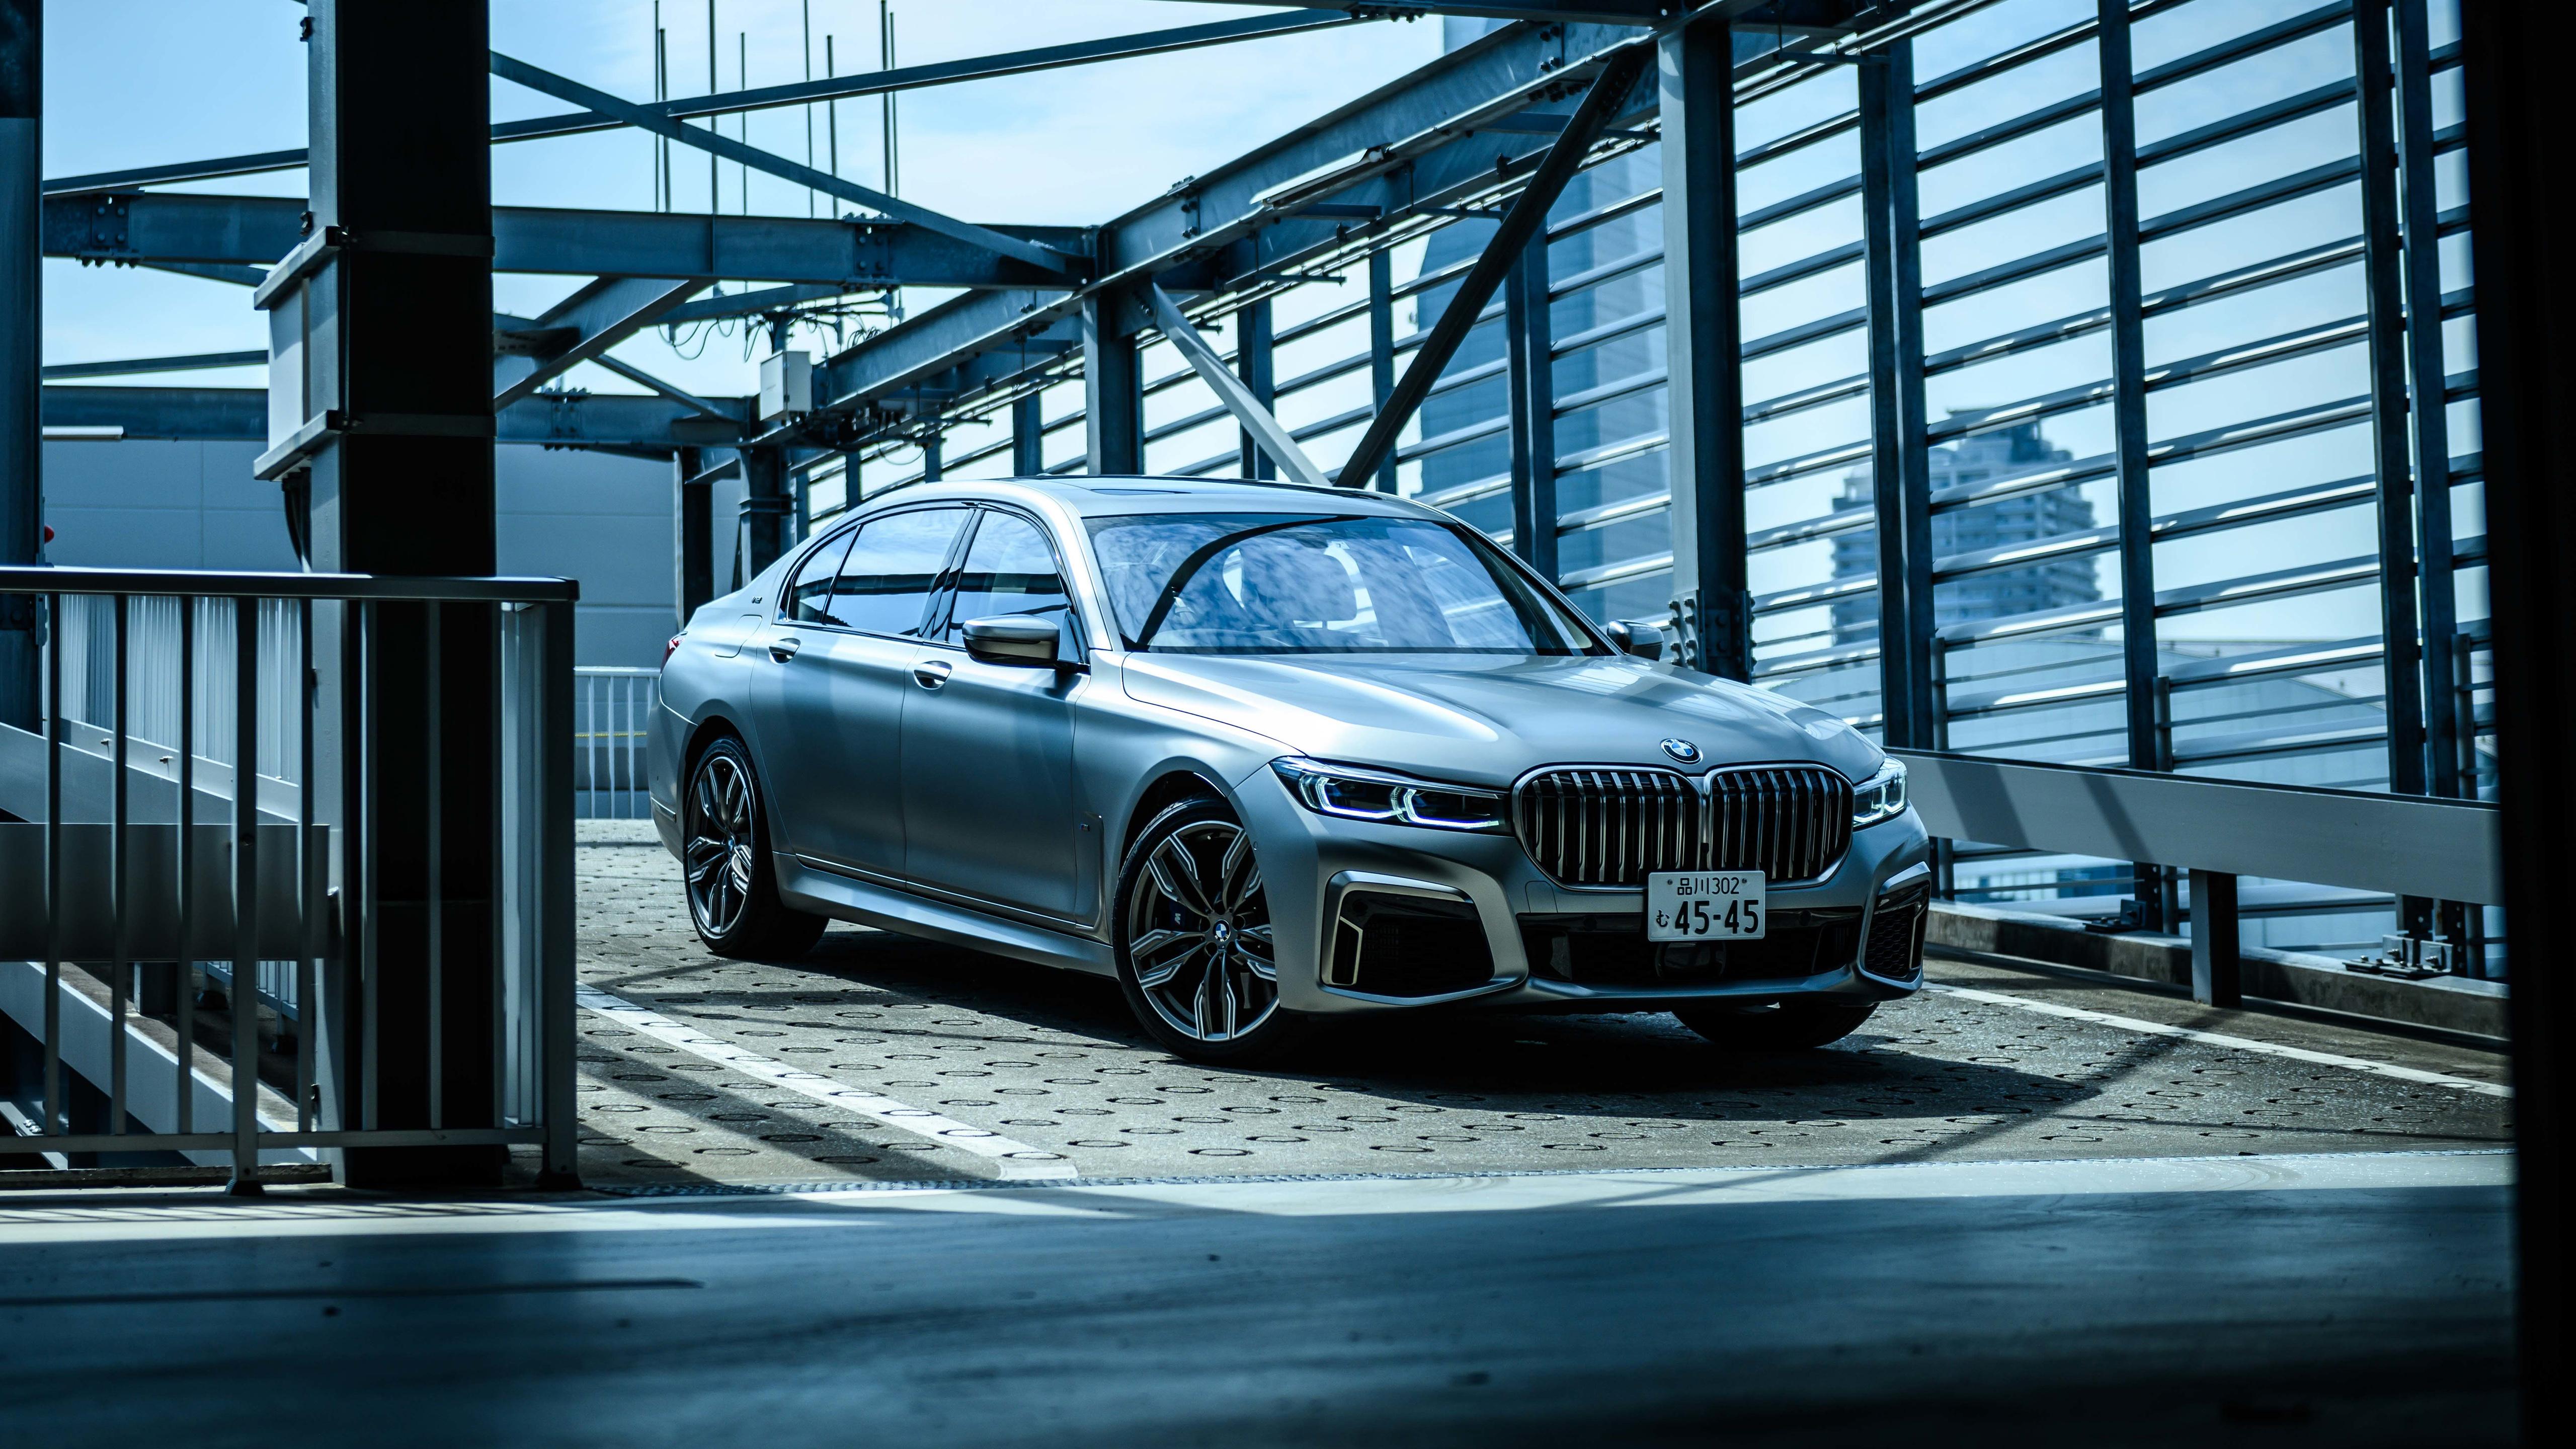 BMW M760Li xDrive 2019 4K Wallpaper | HD Car Wallpapers ...